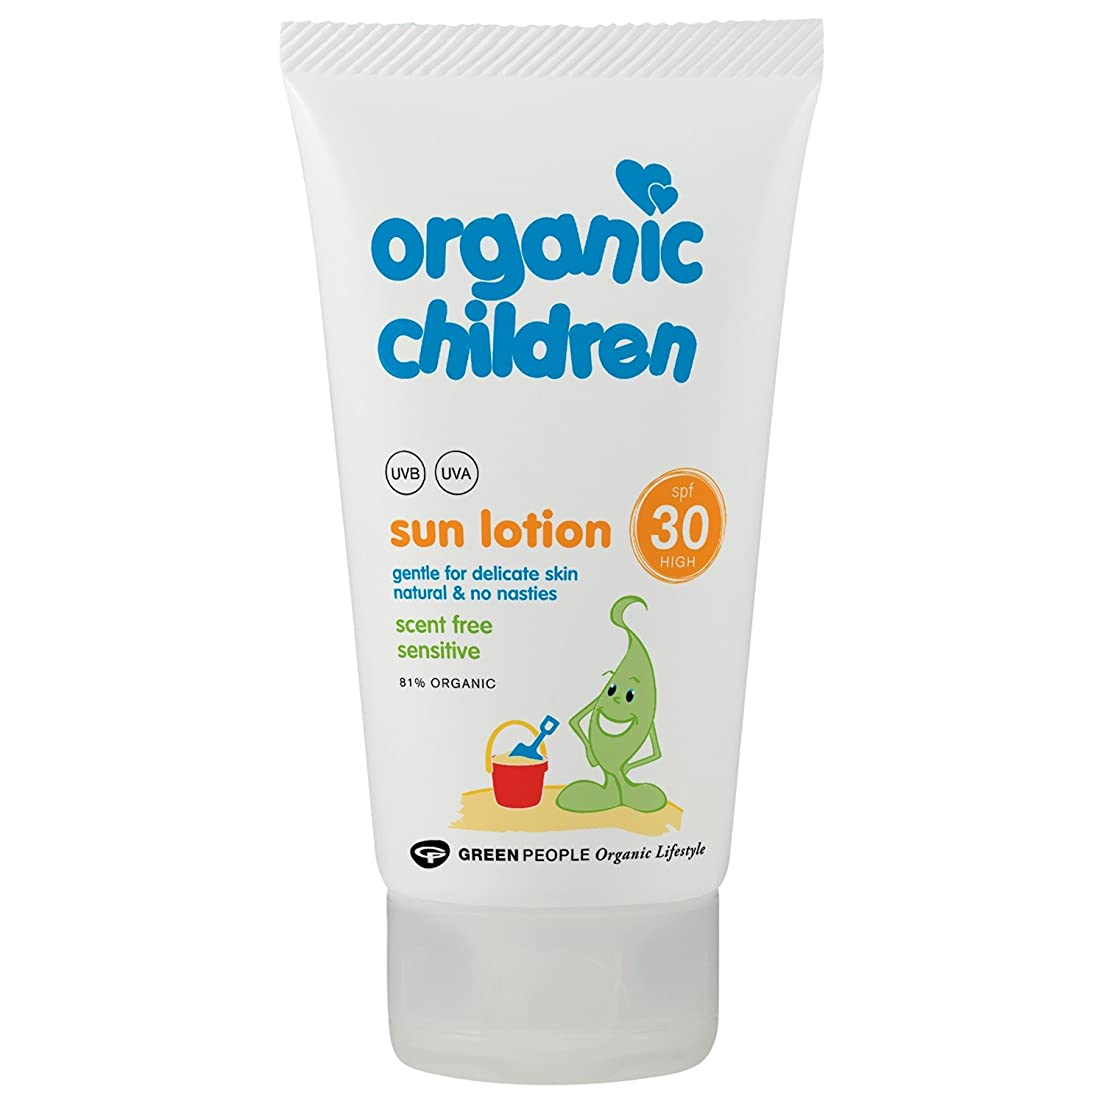 牽引鉄慰め有機子どもたちは30日のローション150グラムを x2 - Organic Children SPF 30 Sun Lotion 150g (Pack of 2) [並行輸入品]